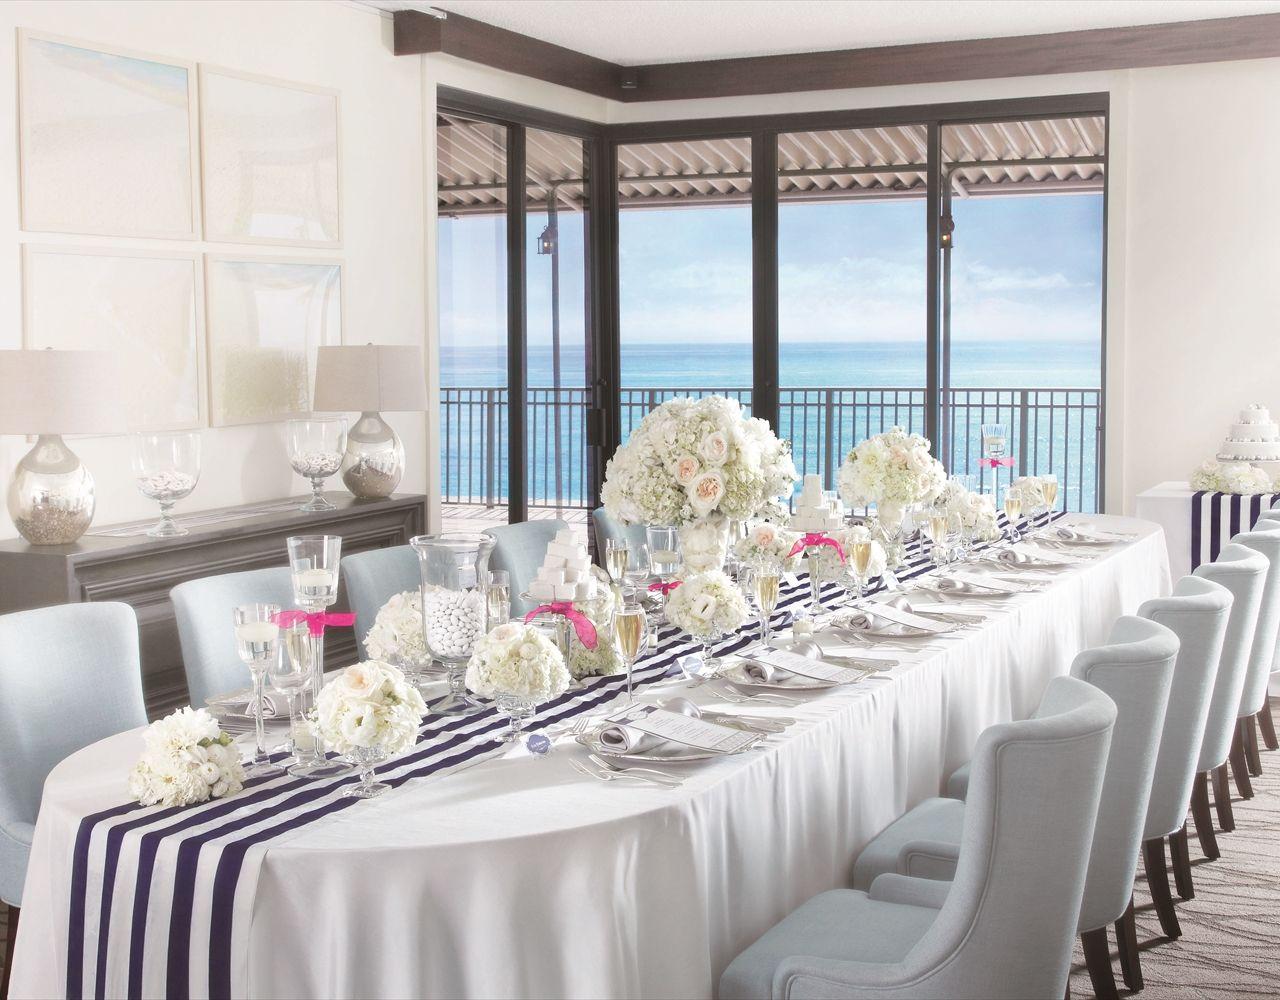 91620fc5eb614 ザ・モアナチャペル ハワイ挙式・ハワイ結婚式は アールイズ・ウエディング